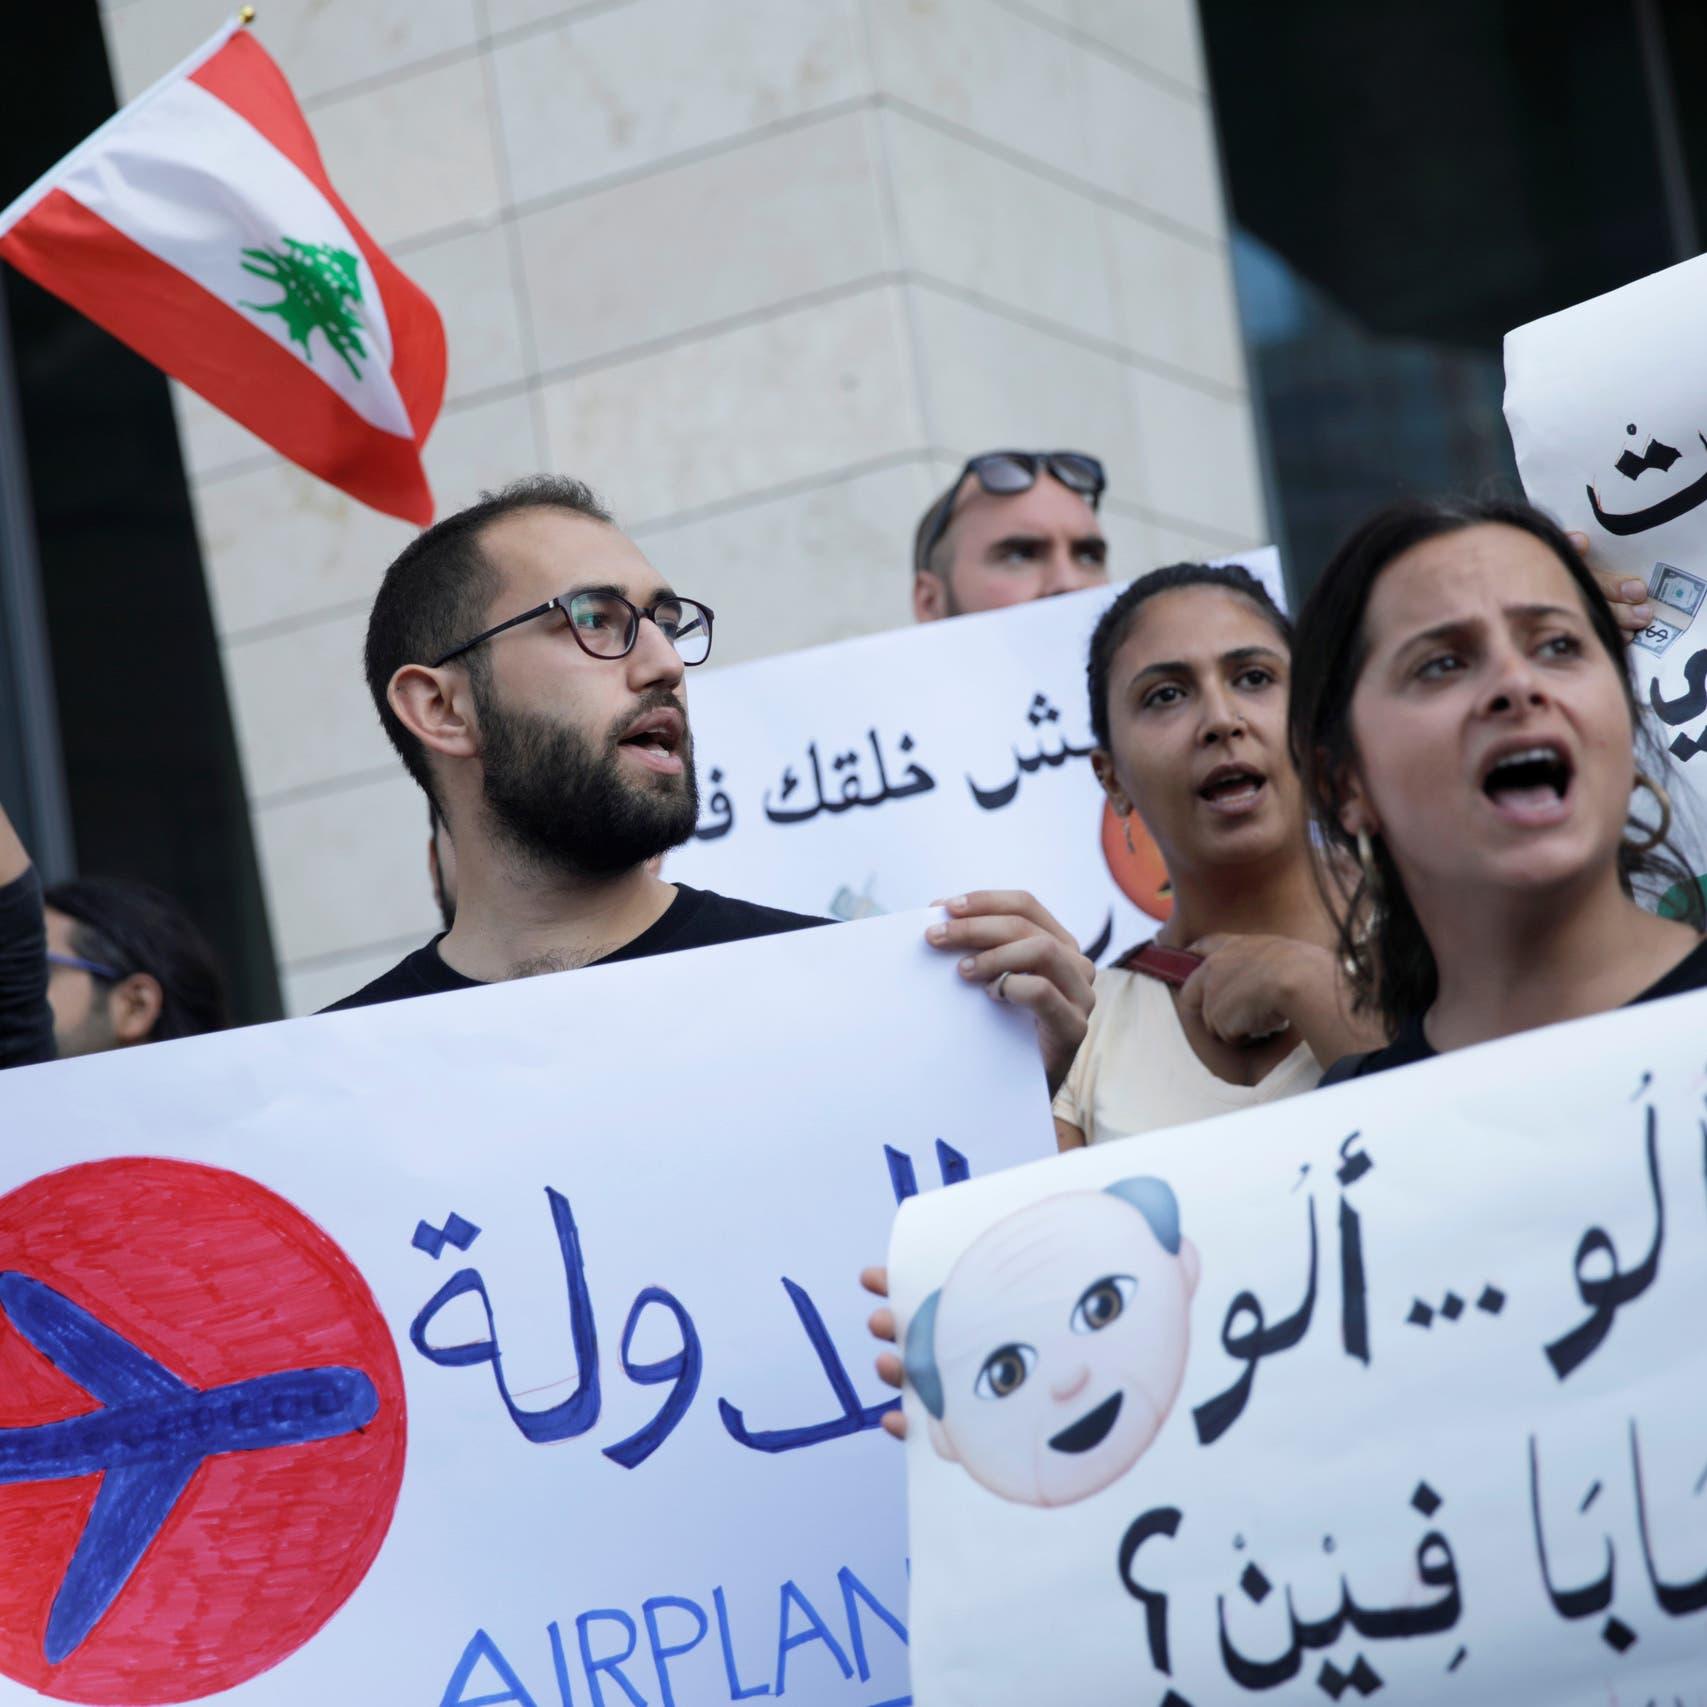 حراك لبنان يطرق باب الفاسدين..  وتظاهرات طلابية حاشدة